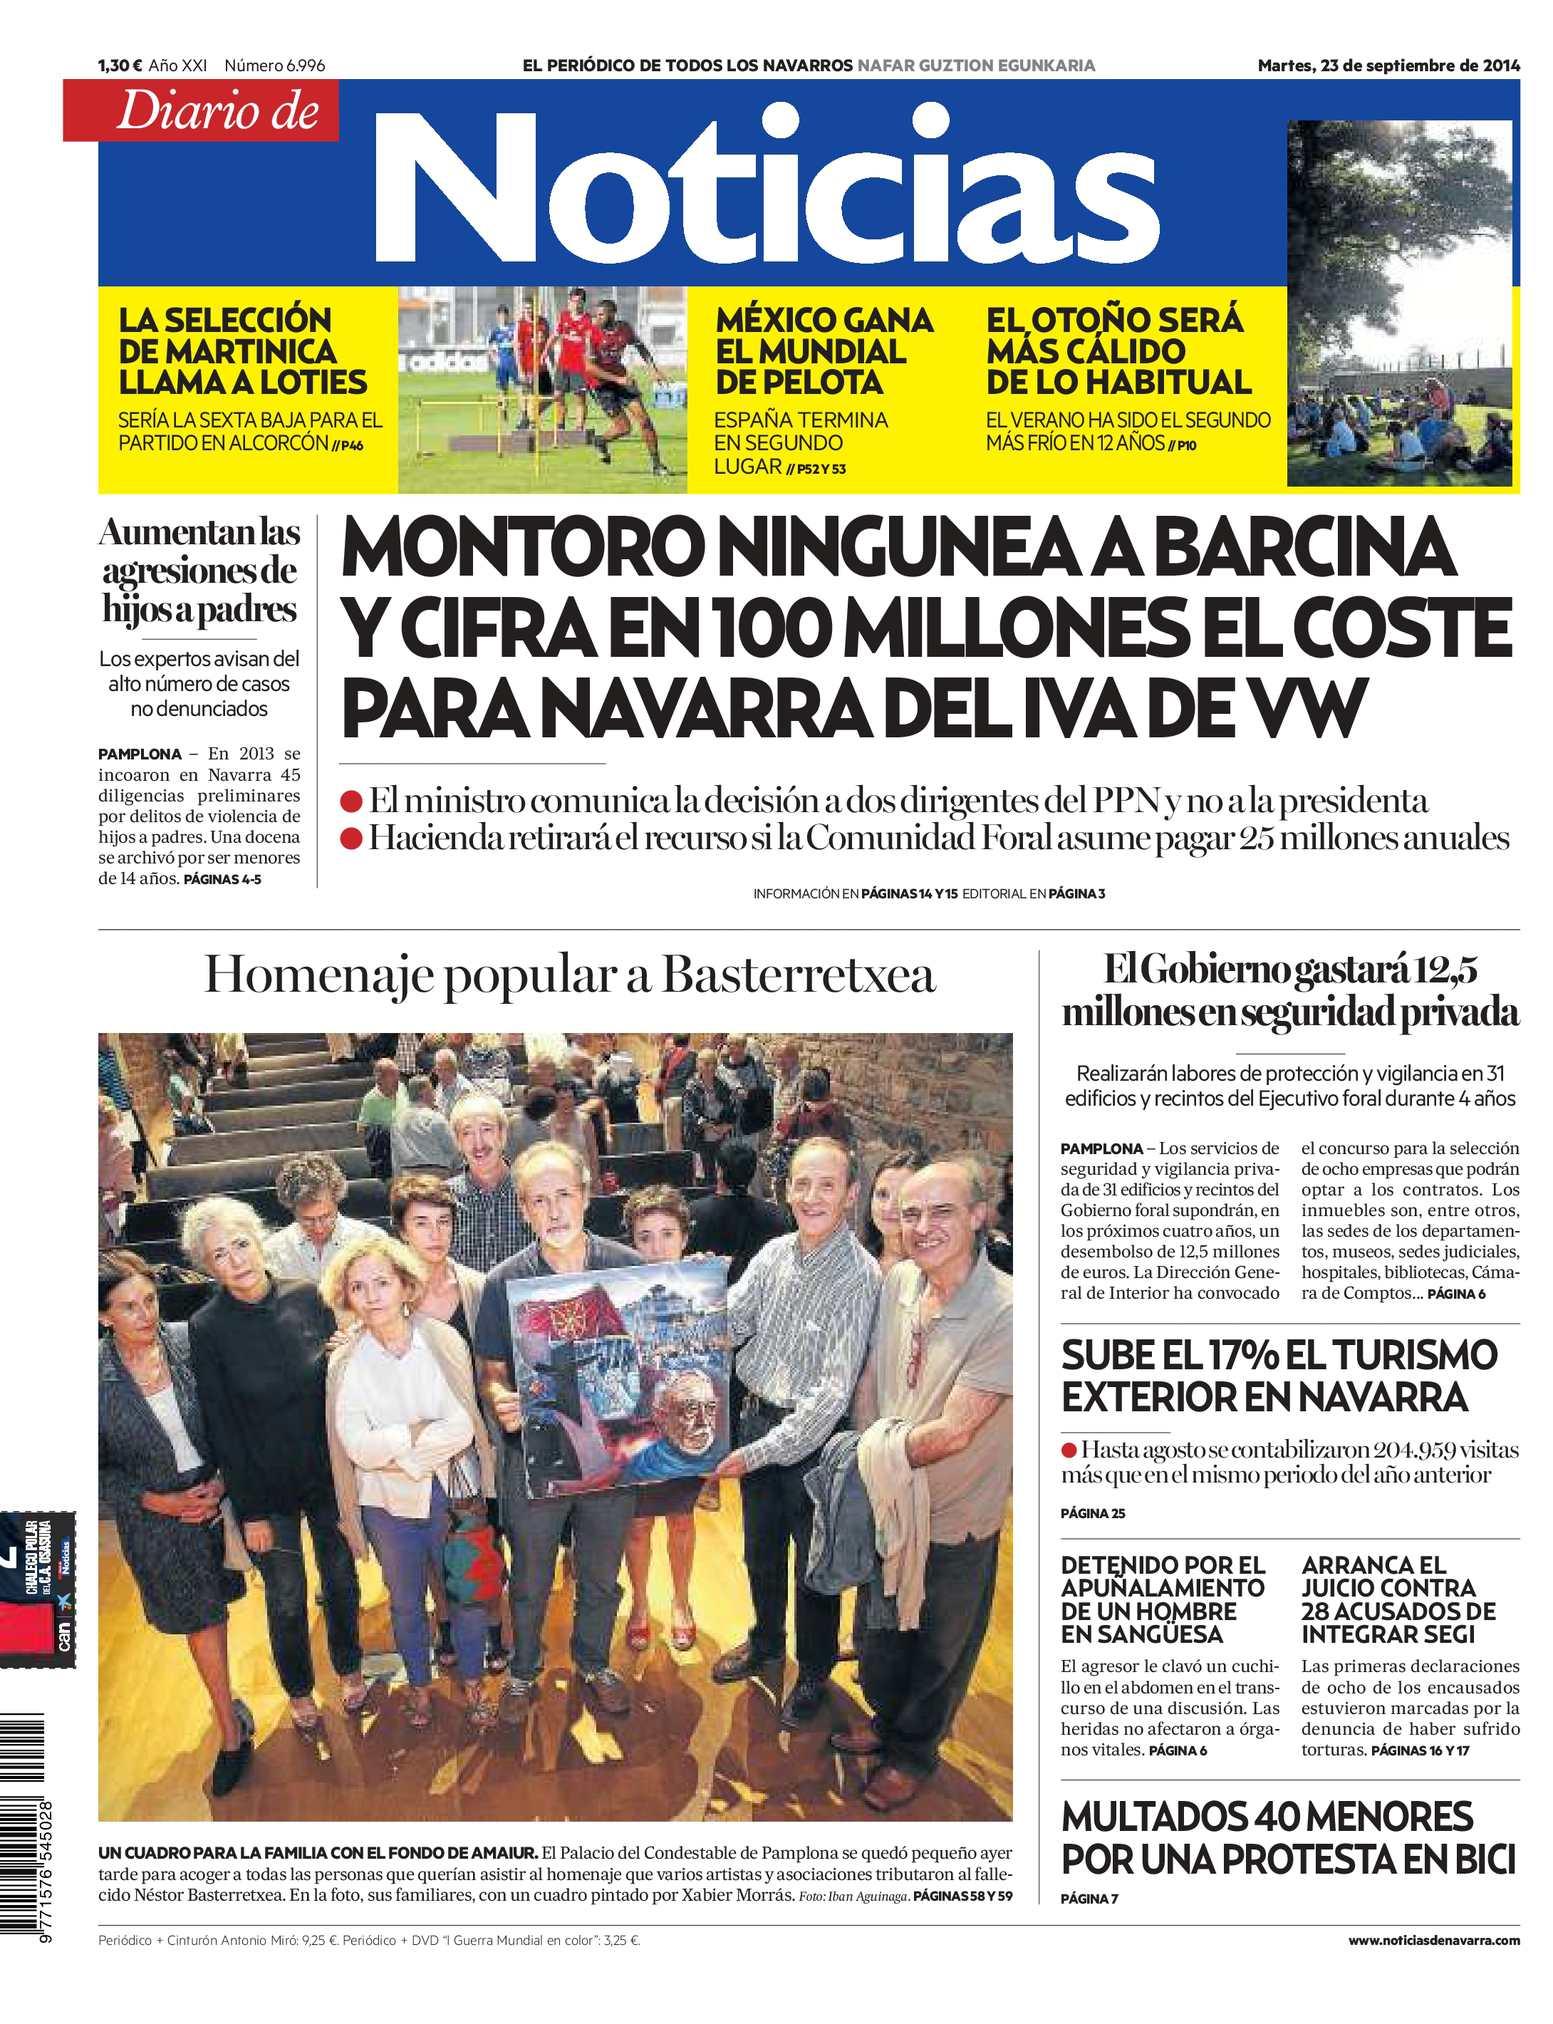 Calaméo - Diario de Noticias 20140923 5d522b1c83d2